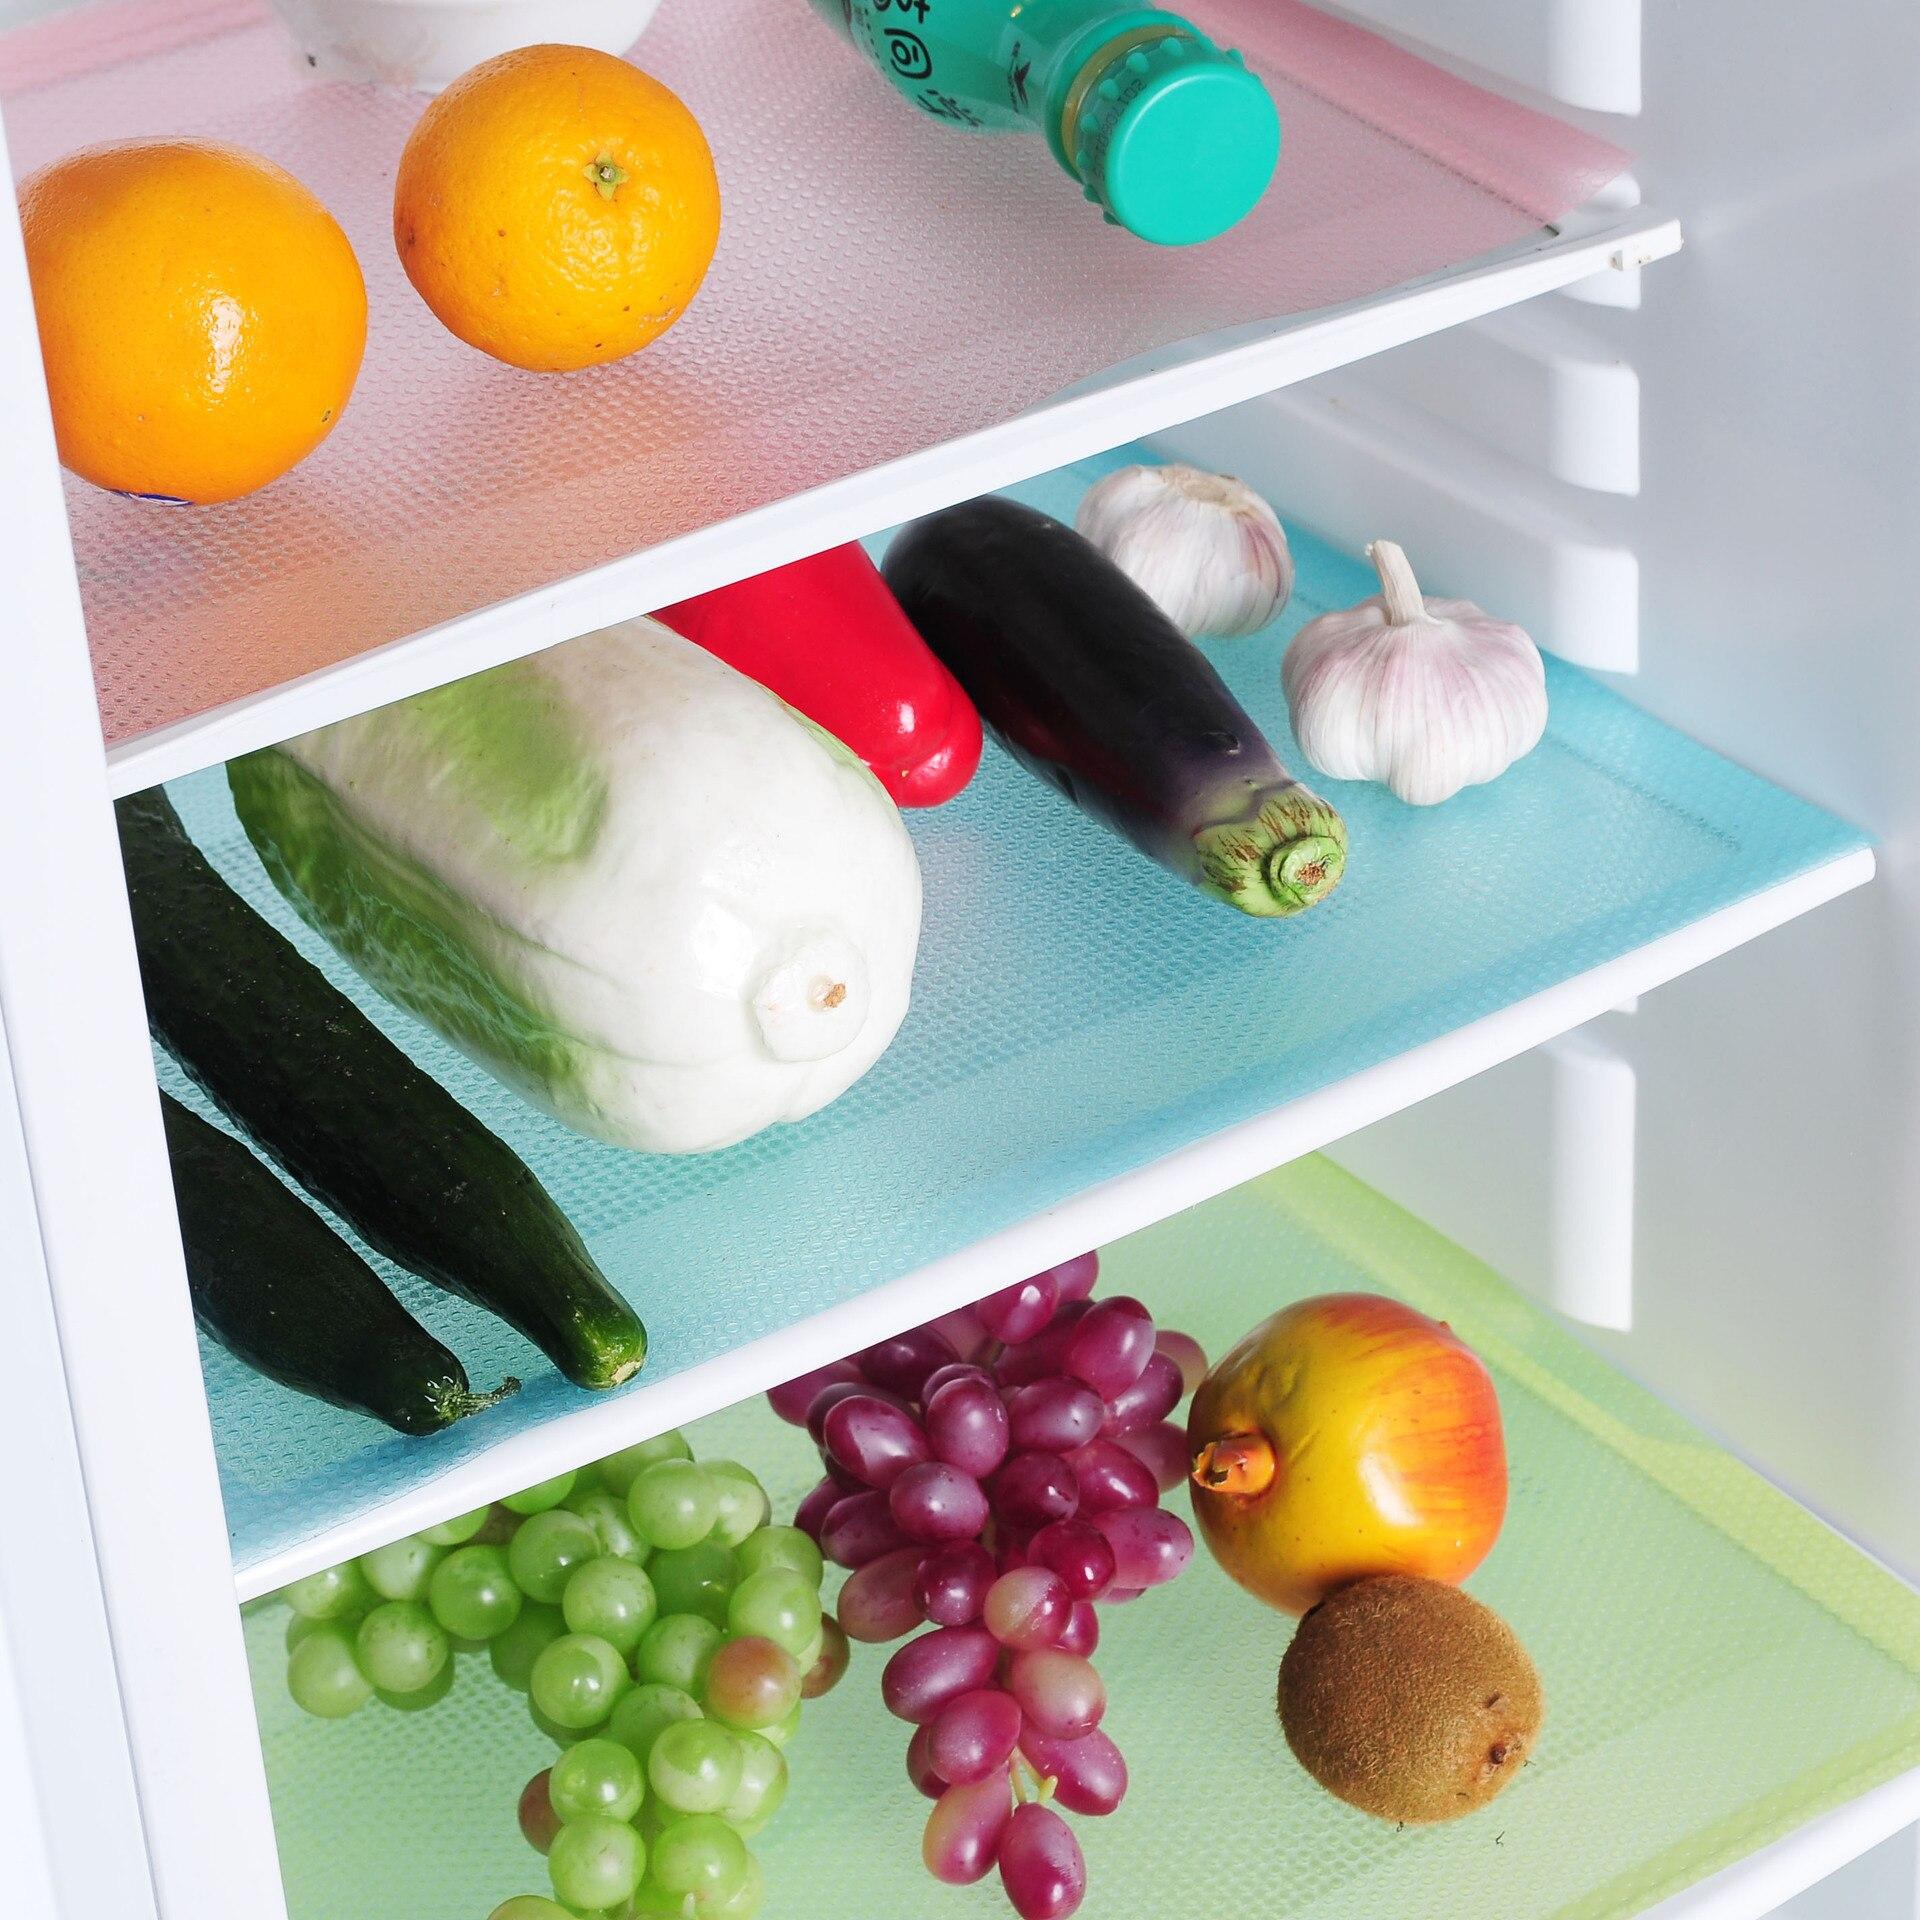 [해외]4 개/대 냉장고 패드 항균 방오 곰팡이 습기 재단 패드 냉장고 매트 방수 서랍 선반 라이너/4 개/대 냉장고 패드 항균 방오 곰팡이 습기 재단 패드 냉장고 매트 방수 서랍 선반 라이너